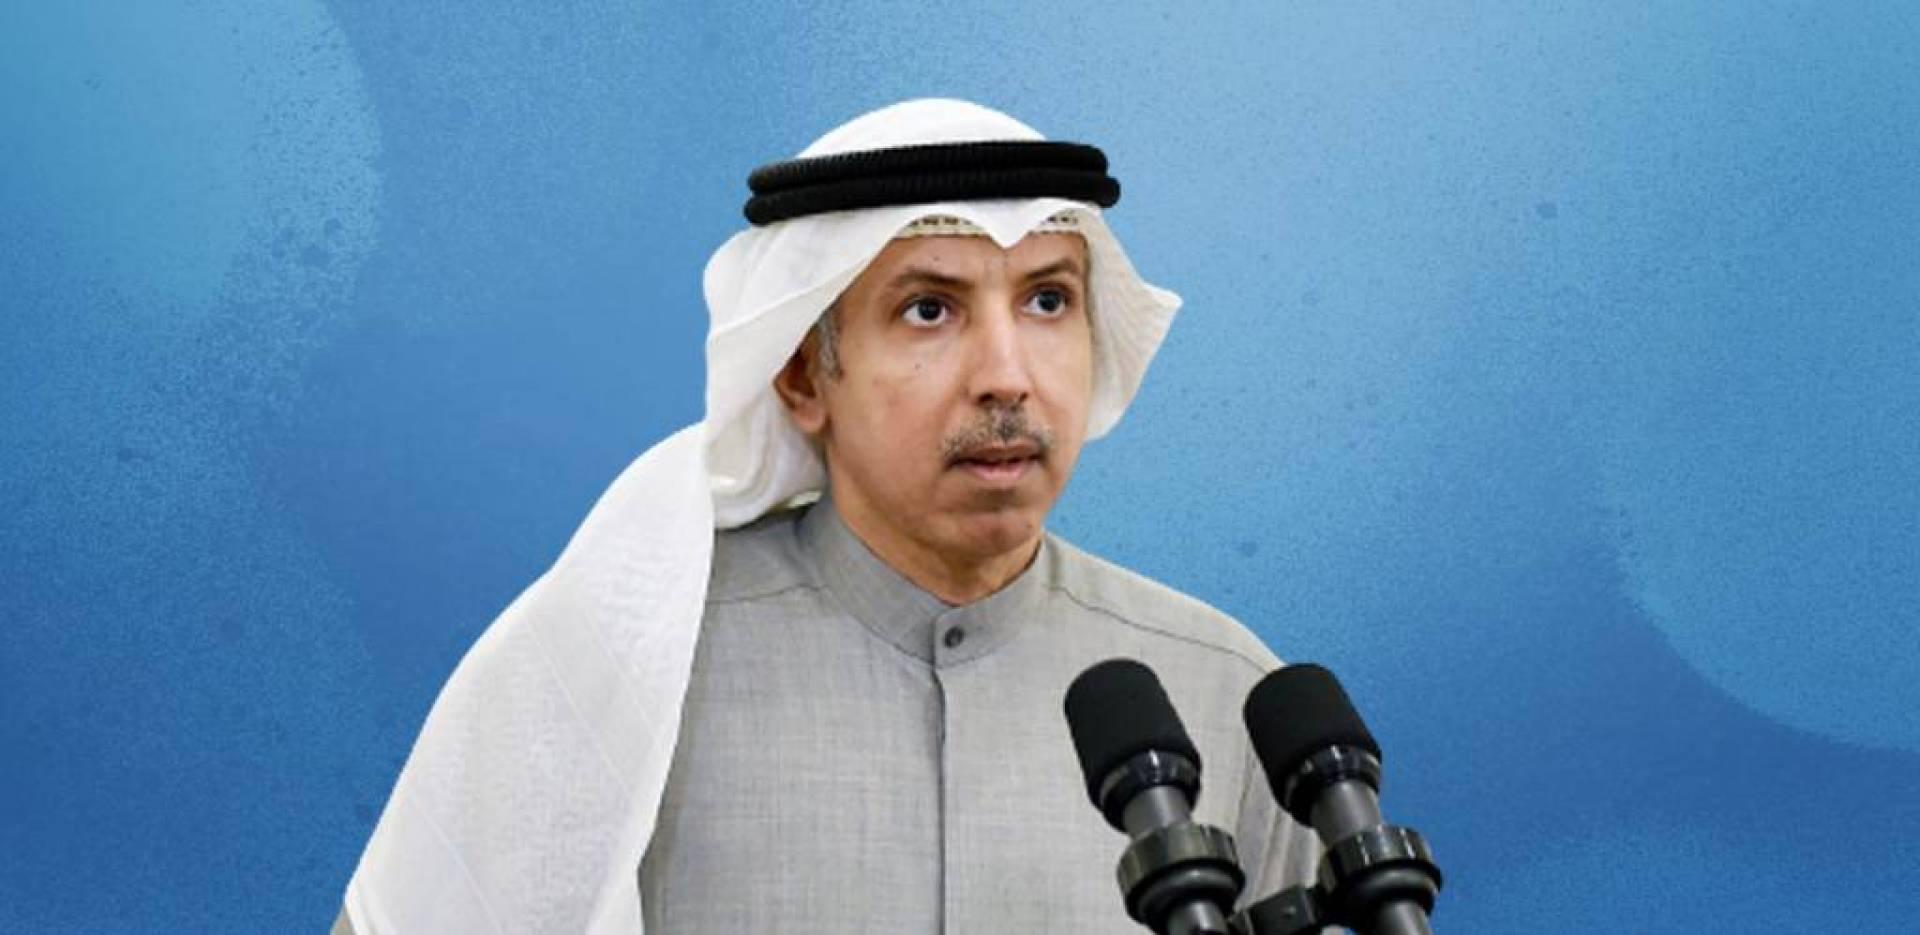 مهلهل المضف يقترح إنشاء جامعات خاصة أو حكومية خارج الكويت